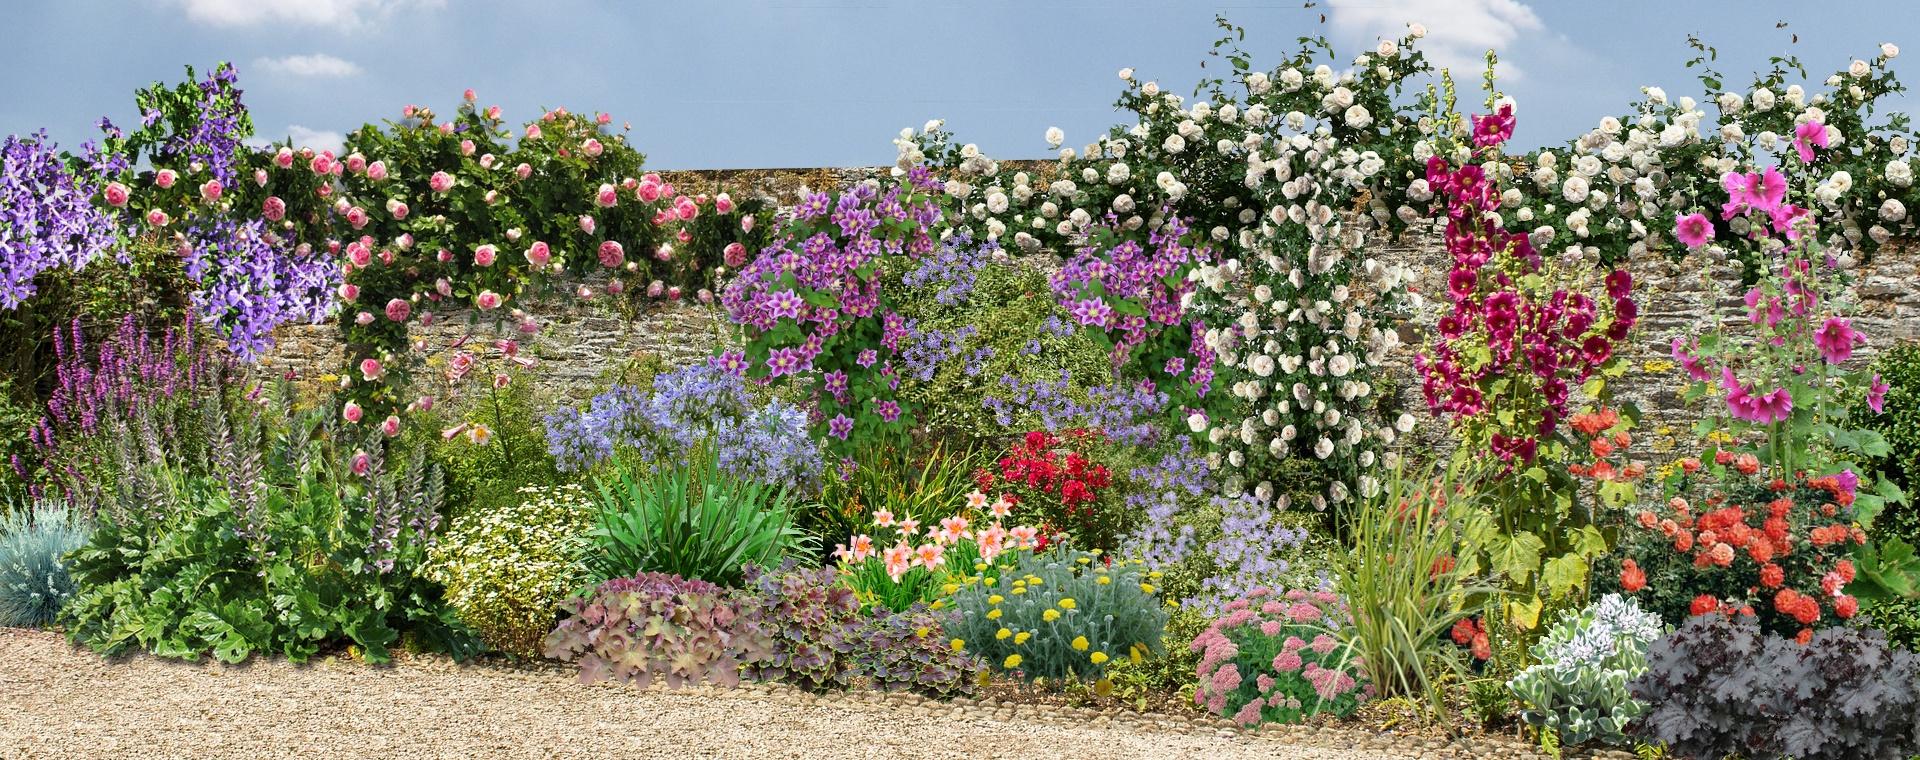 Plante Sur Les Murs comment fleurir un mur ensoleillé au sud dans le jardin :